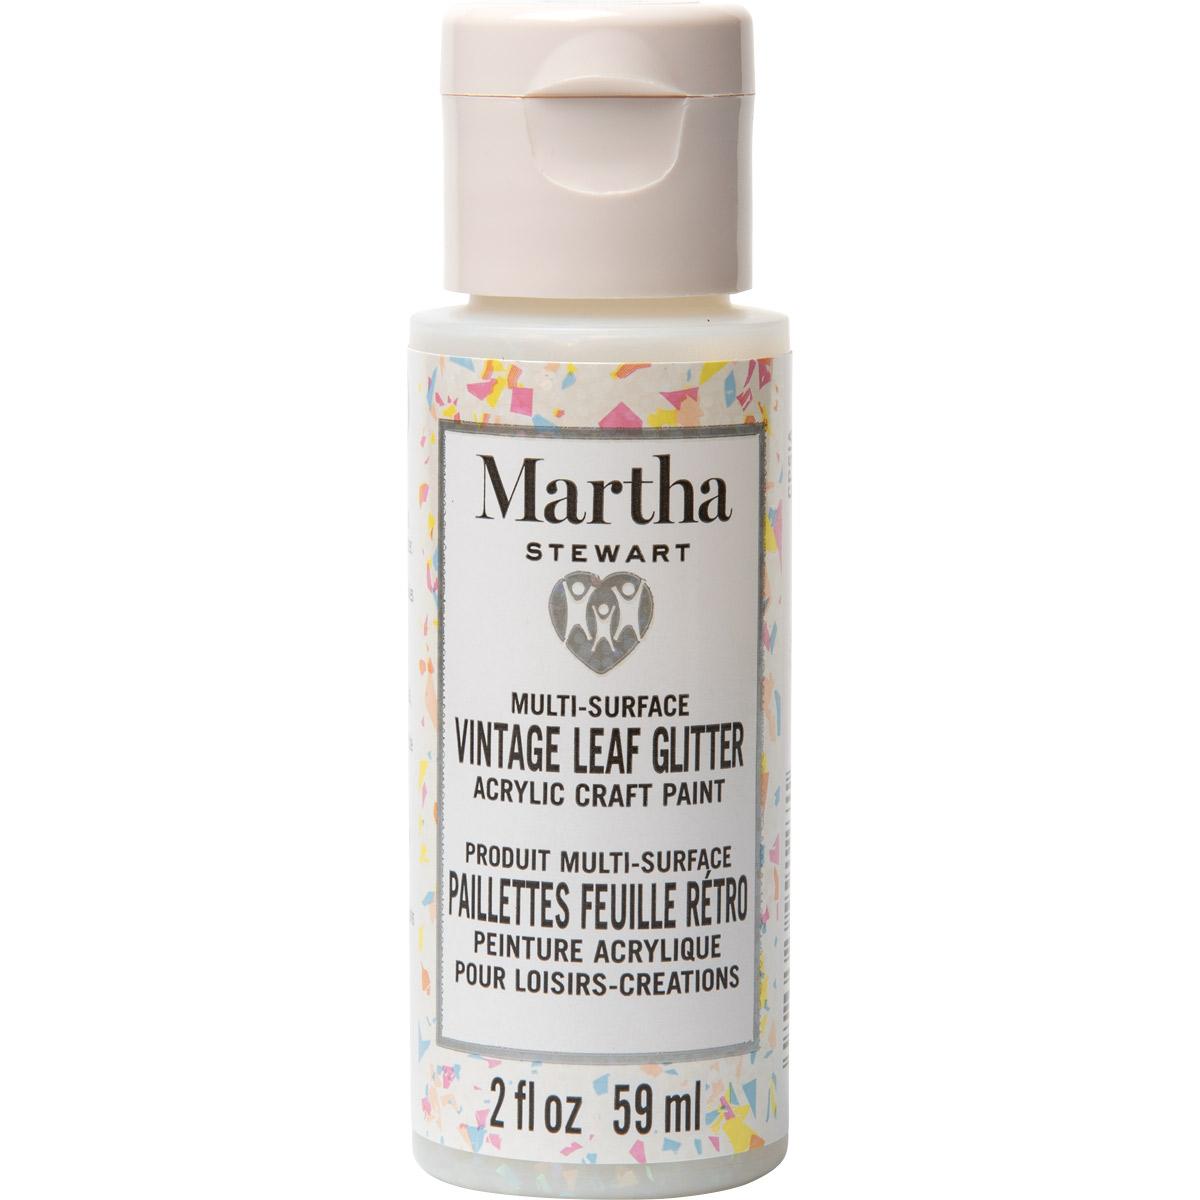 Martha Stewart ® Multi-Surface Vintage Leaf Glitter Acrylic Craft Paint CPSIA - Sugar Cube, 2 oz. -